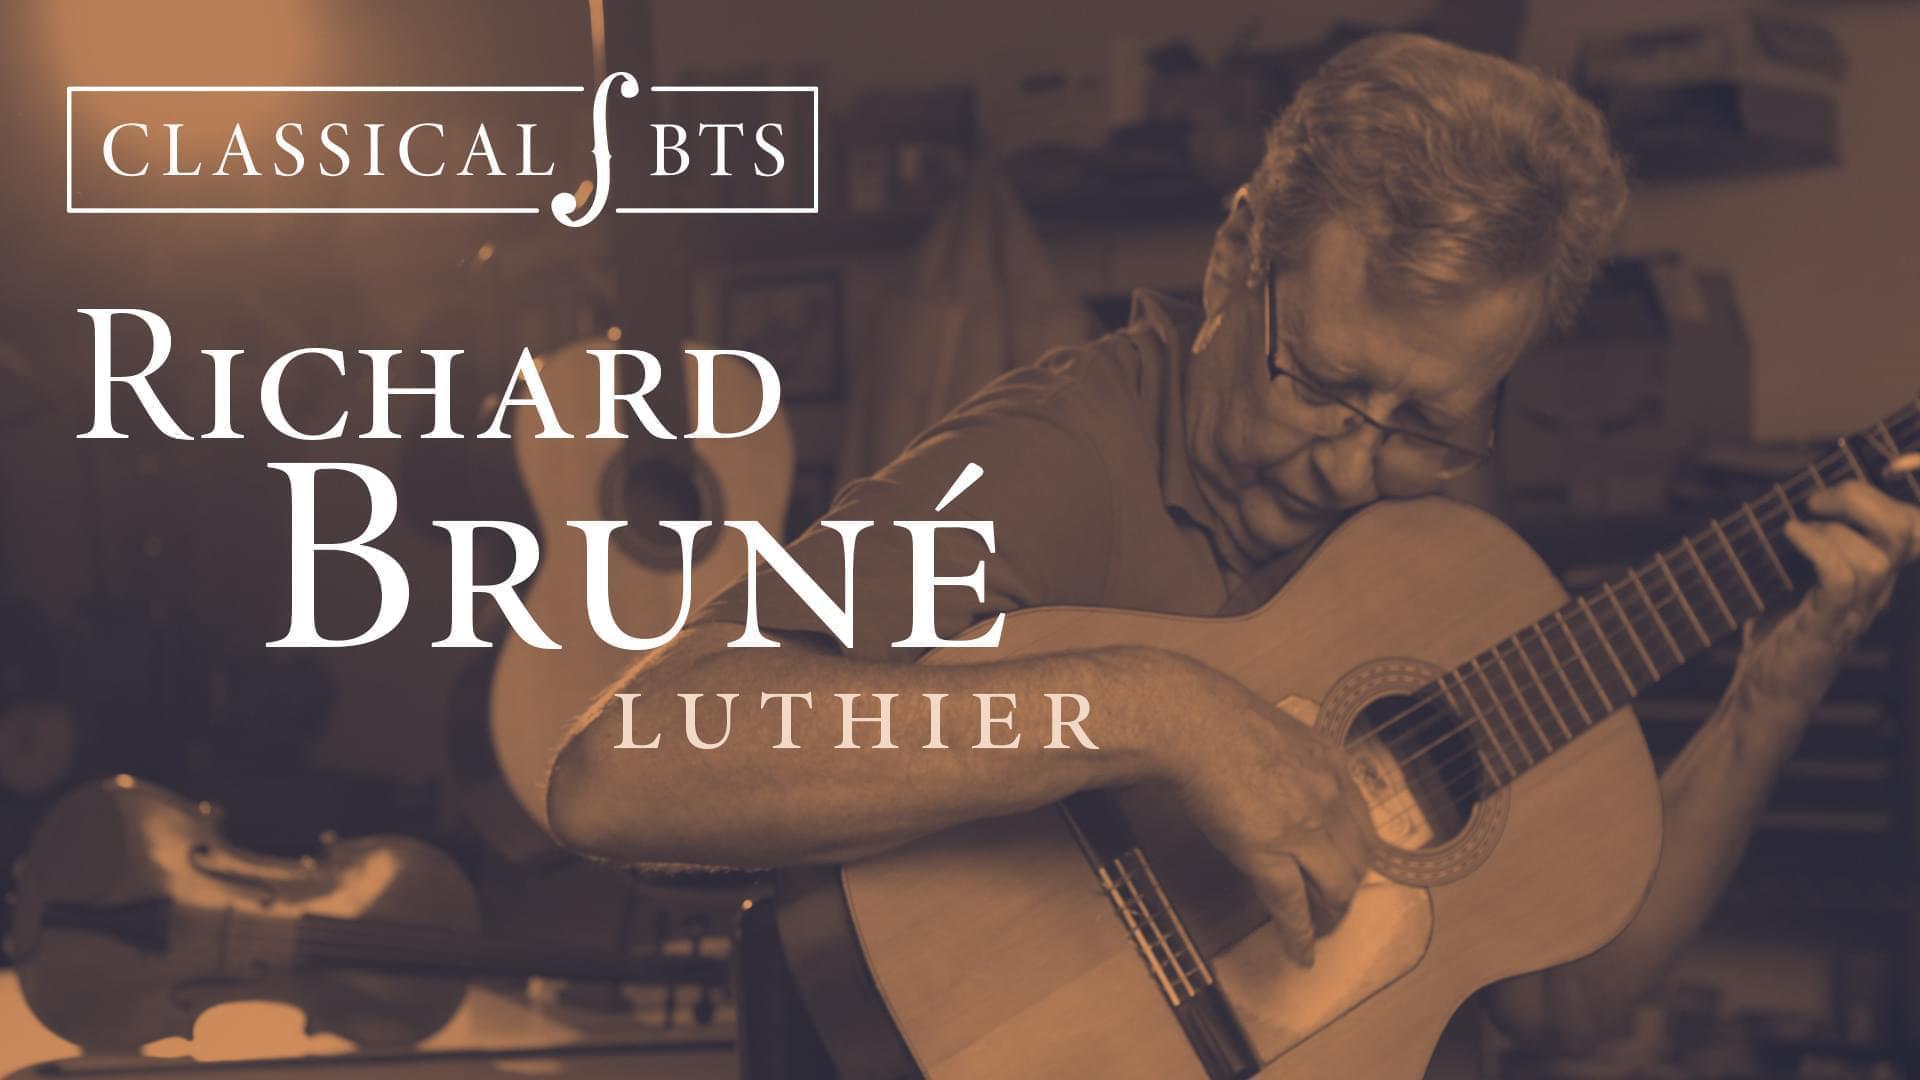 image of Richard Brune playing guitar